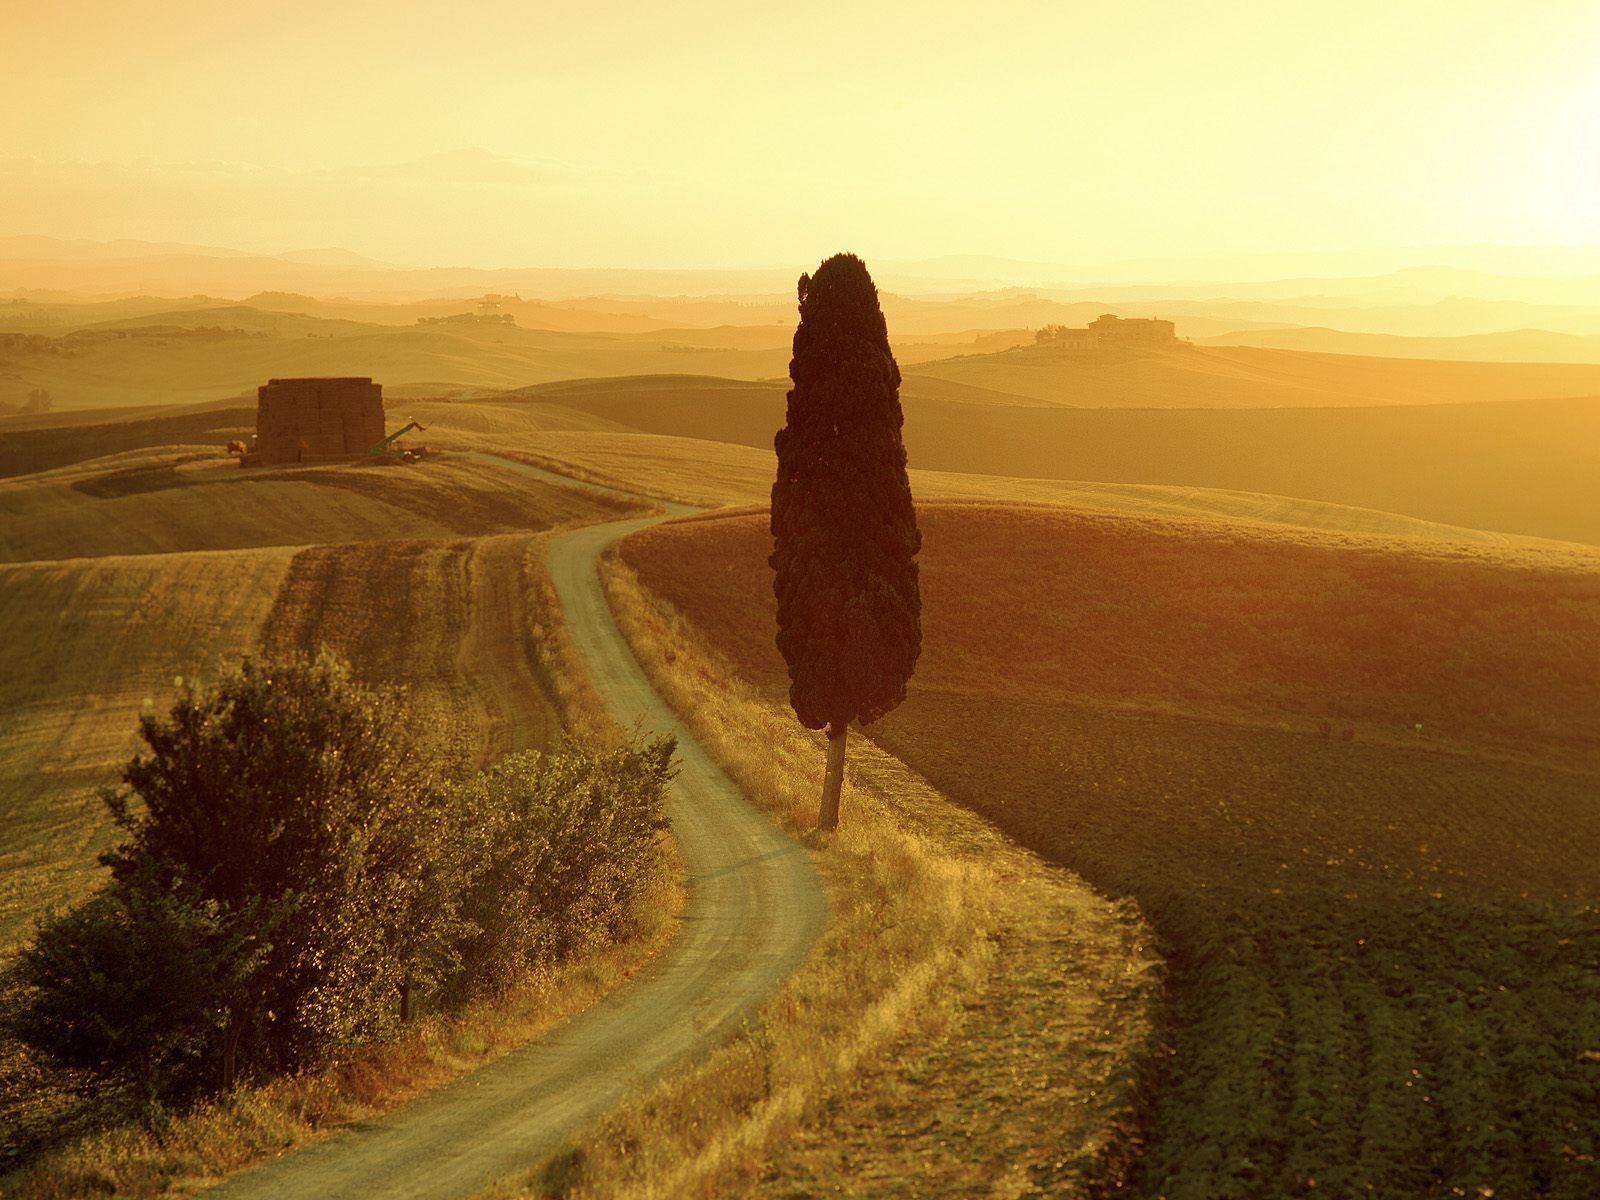 http://3.bp.blogspot.com/--k7D1C9WD_4/UDh50zx_l1I/AAAAAAAAGQU/2a72vES28k8/s1600/Tuscany,%2BItaly%2B10.jpg